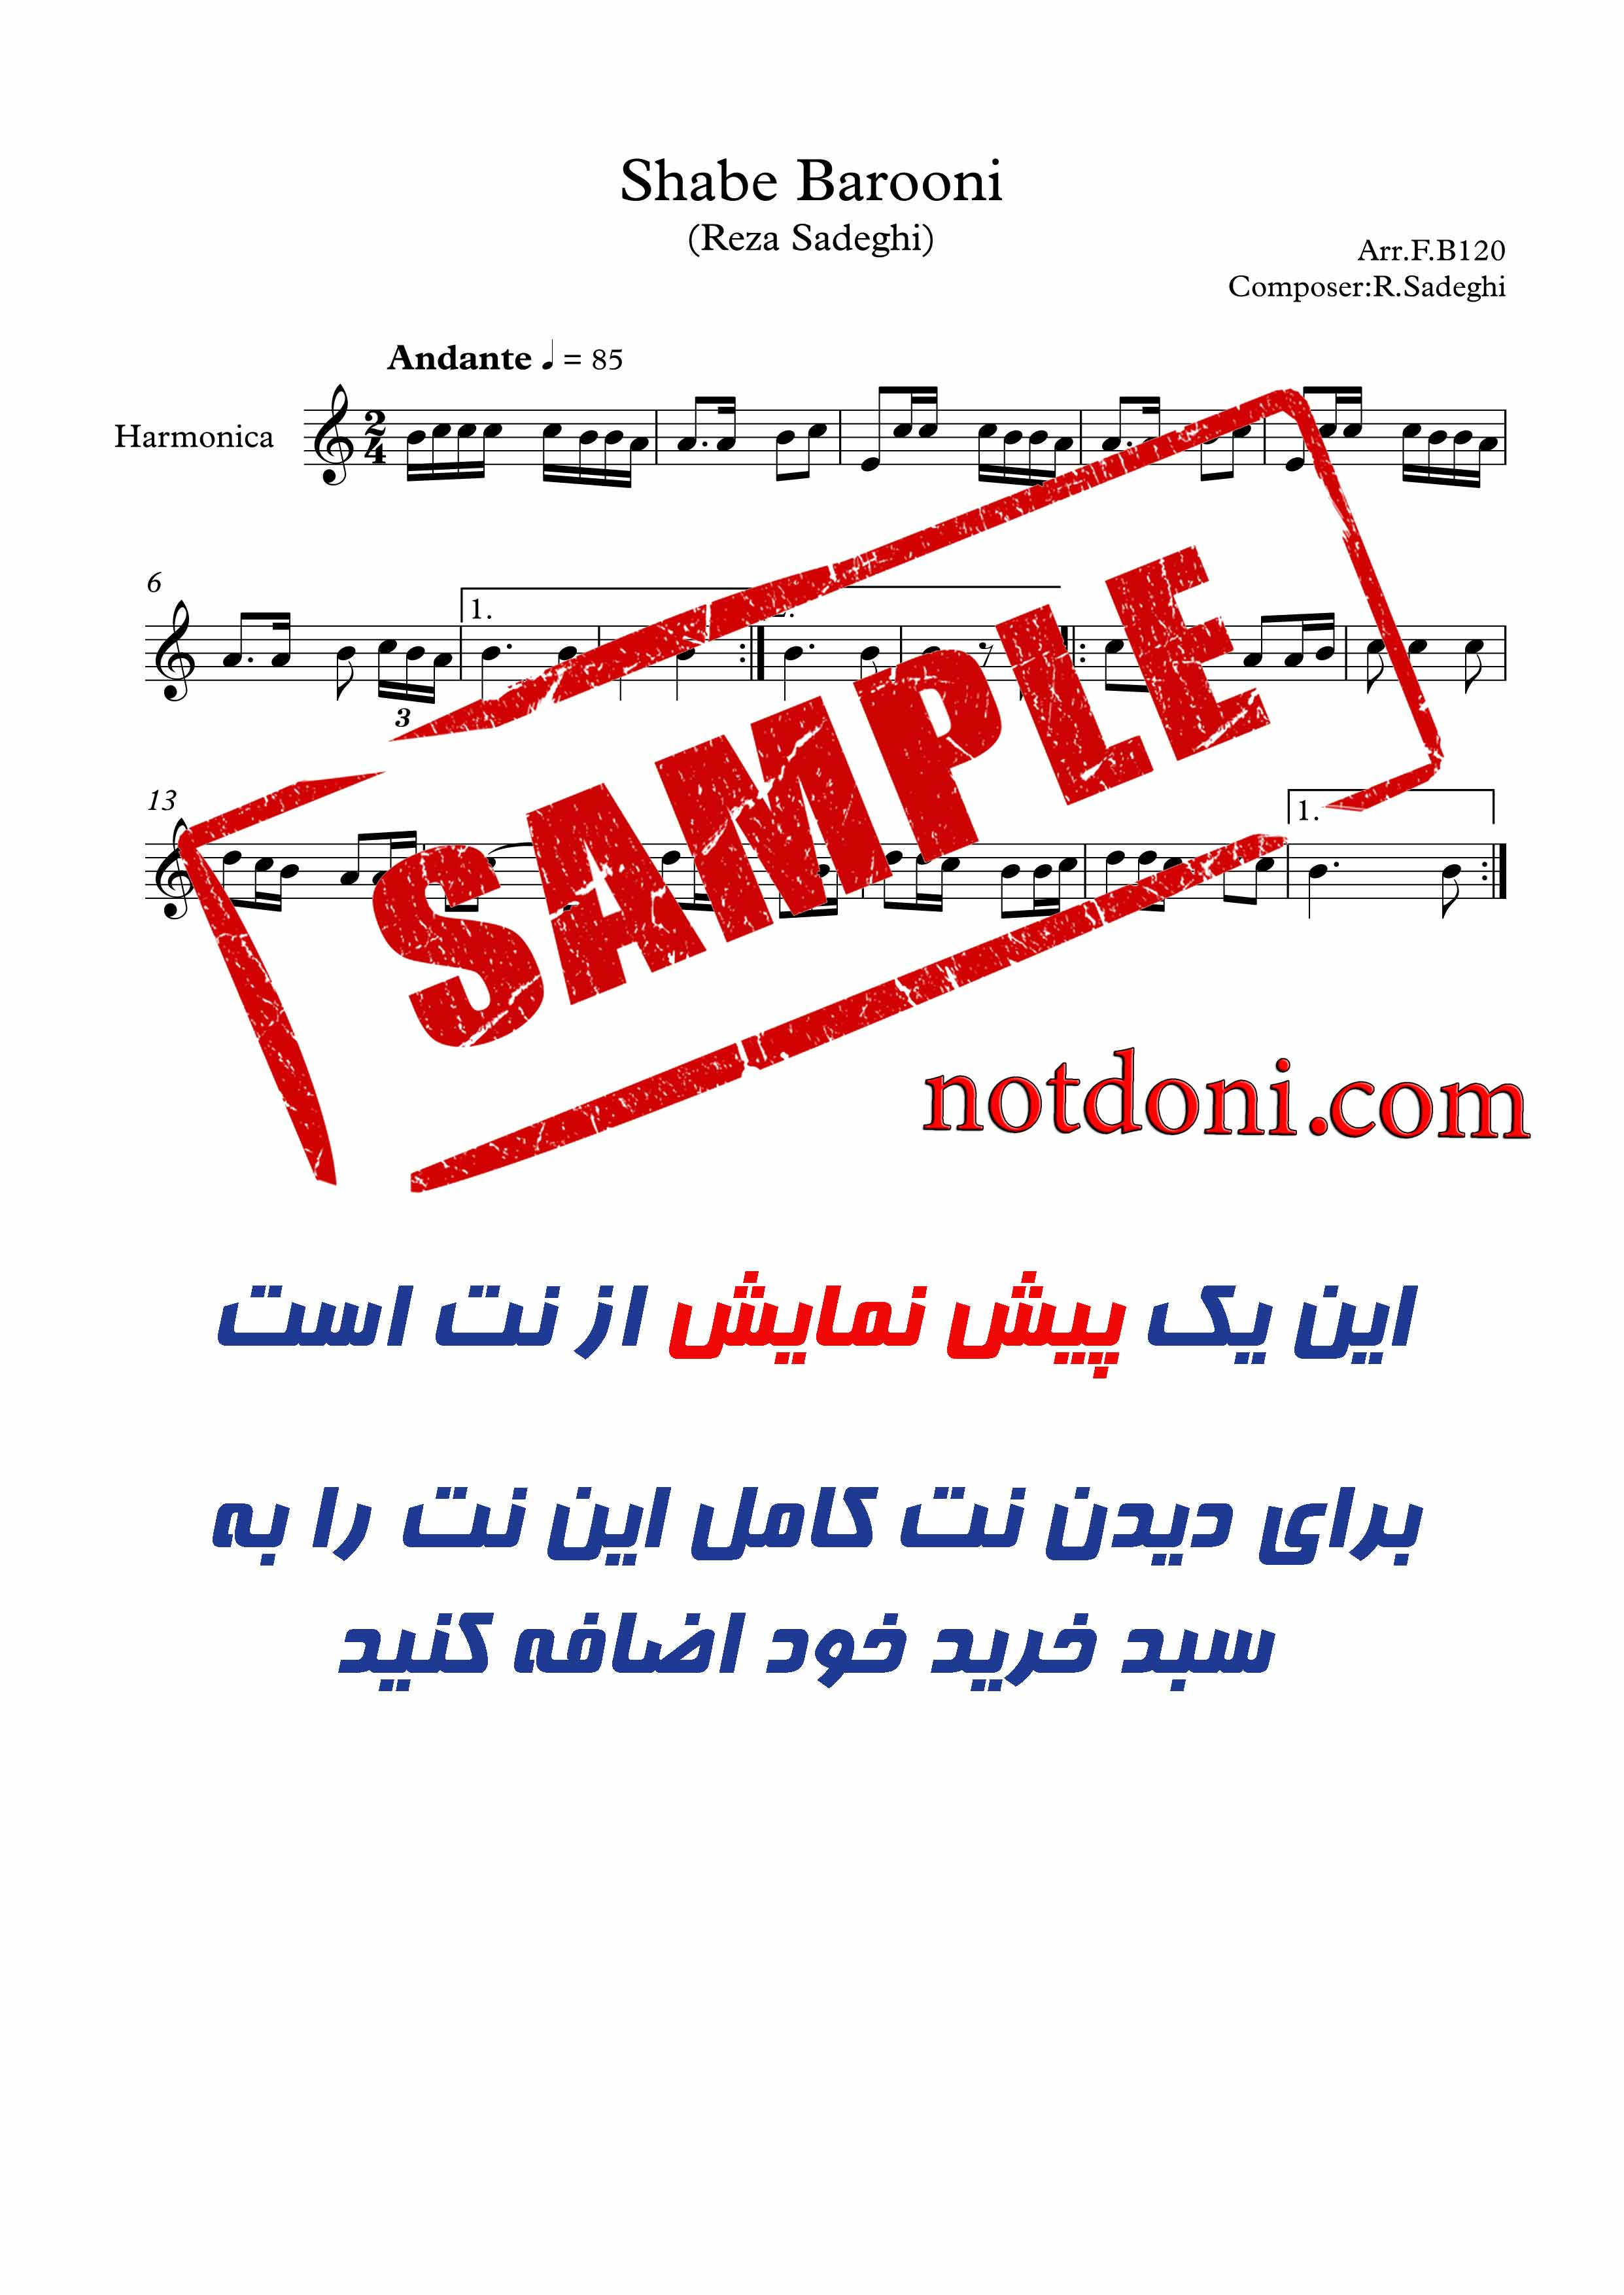 d4ec1fef-382a-47d6-95be-850ac8c4b196_دموی-نت-آهنگ-شب-بارونی-هارمونیکا.jpg